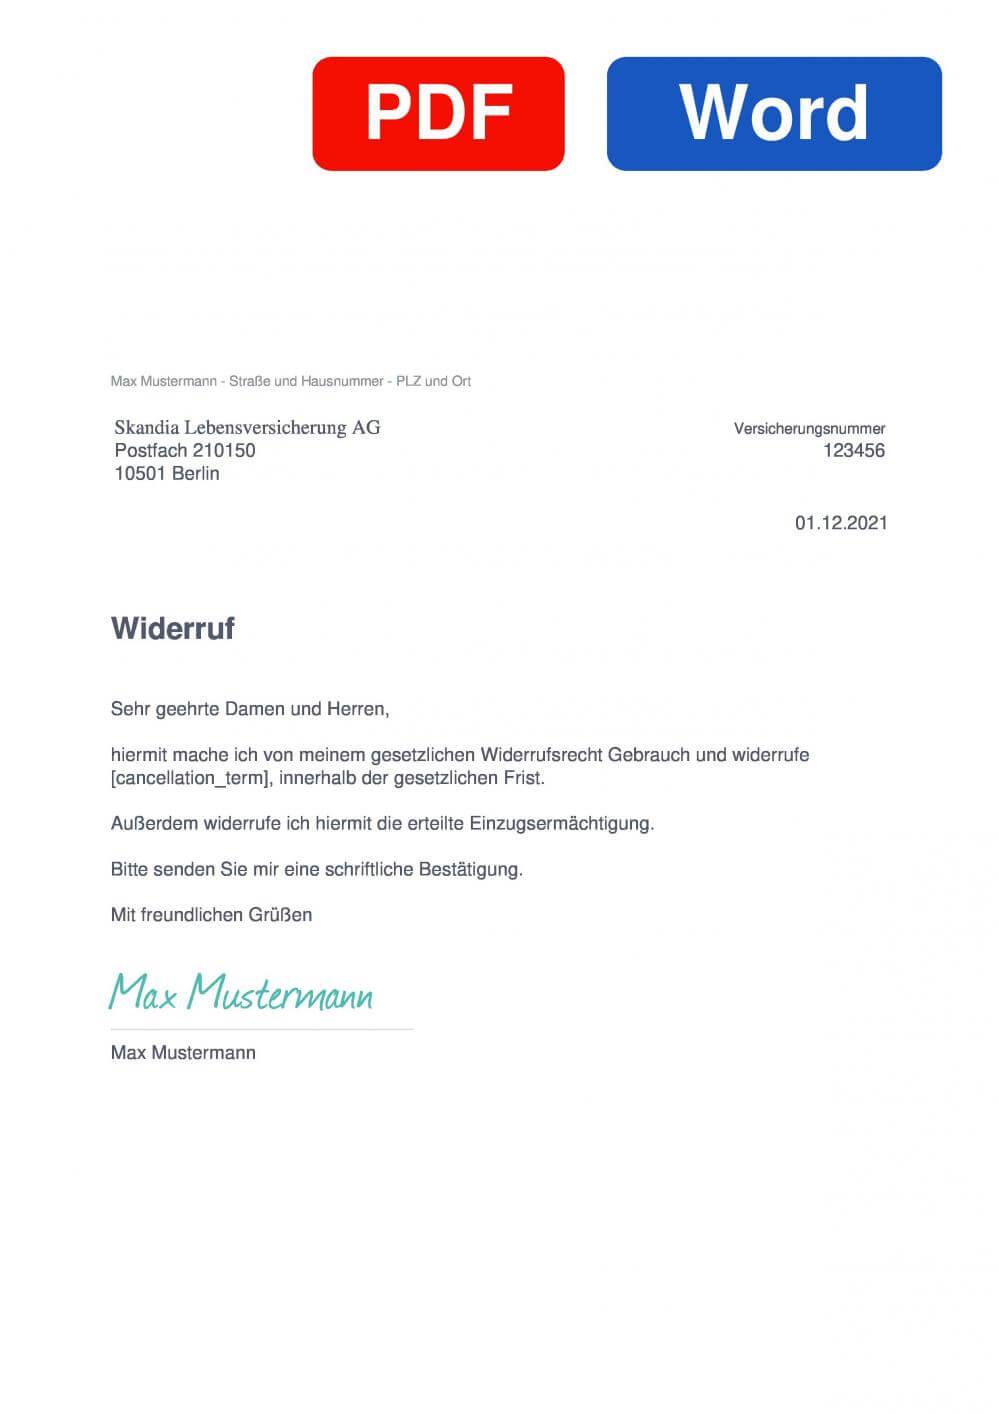 Skandia Lebensversicherung Muster Vorlage für Wiederrufsschreiben